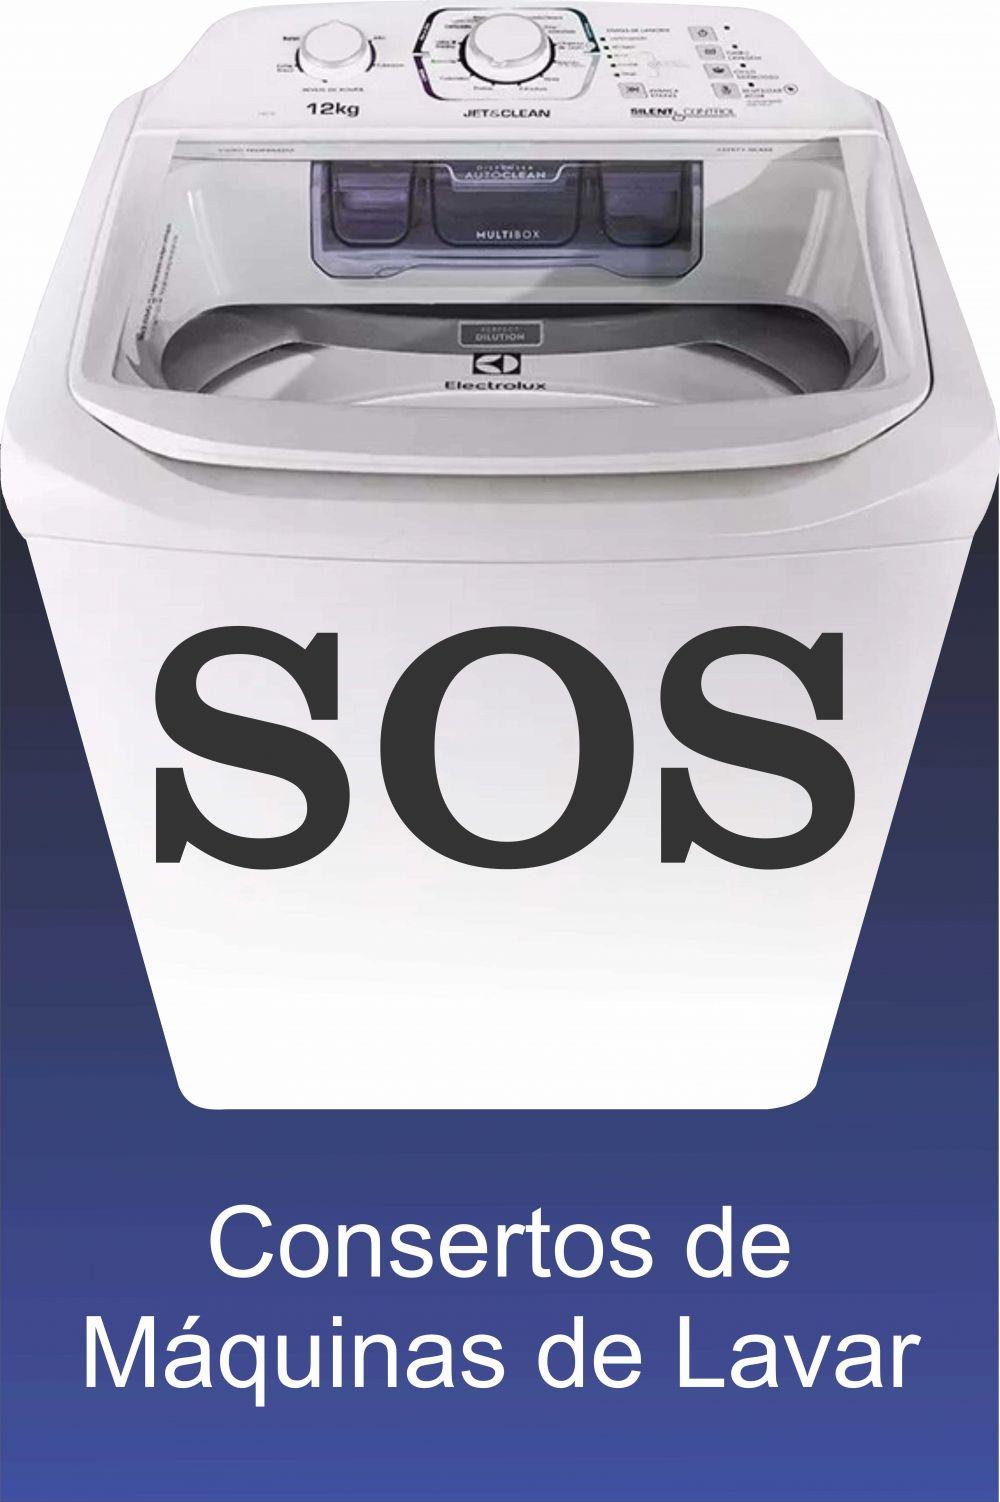 Sos consertos de máquinas de lavar